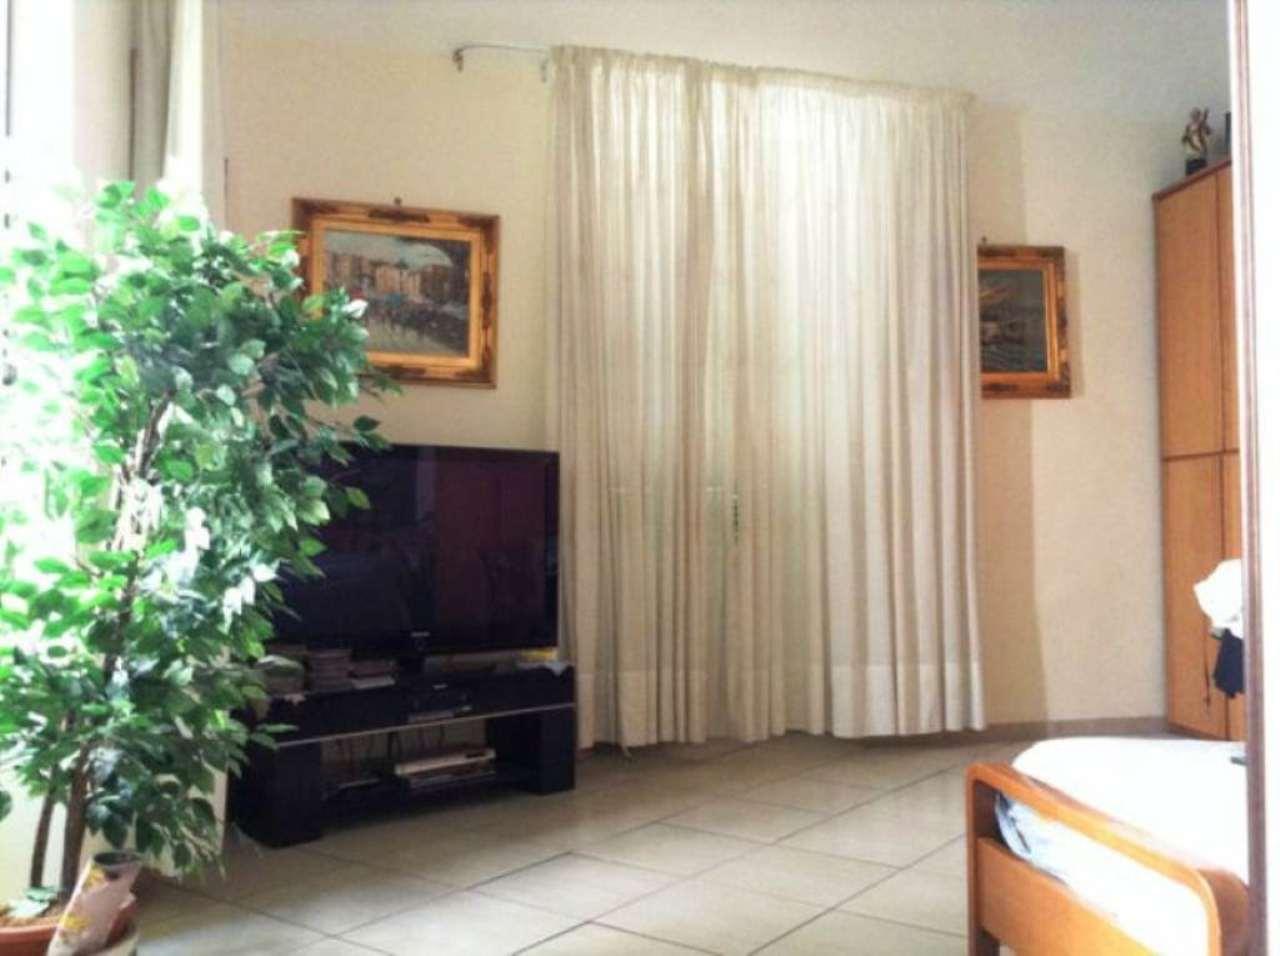 Appartamento in vendita a Torre del Greco, 1 locali, prezzo € 98.000 | Cambio Casa.it